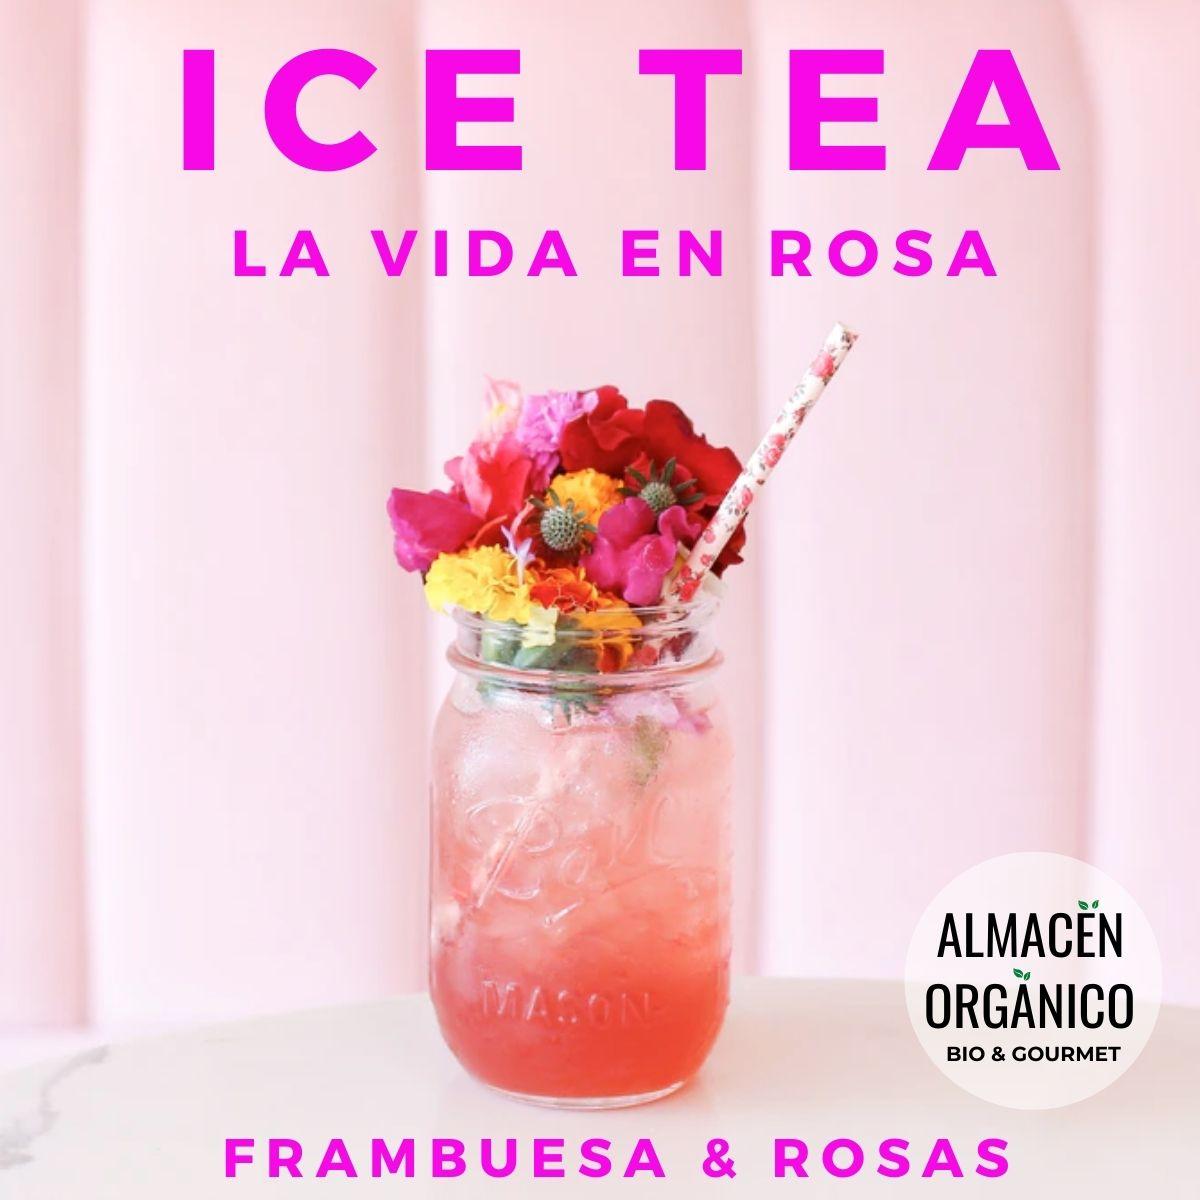 ice-tea-frambuesa